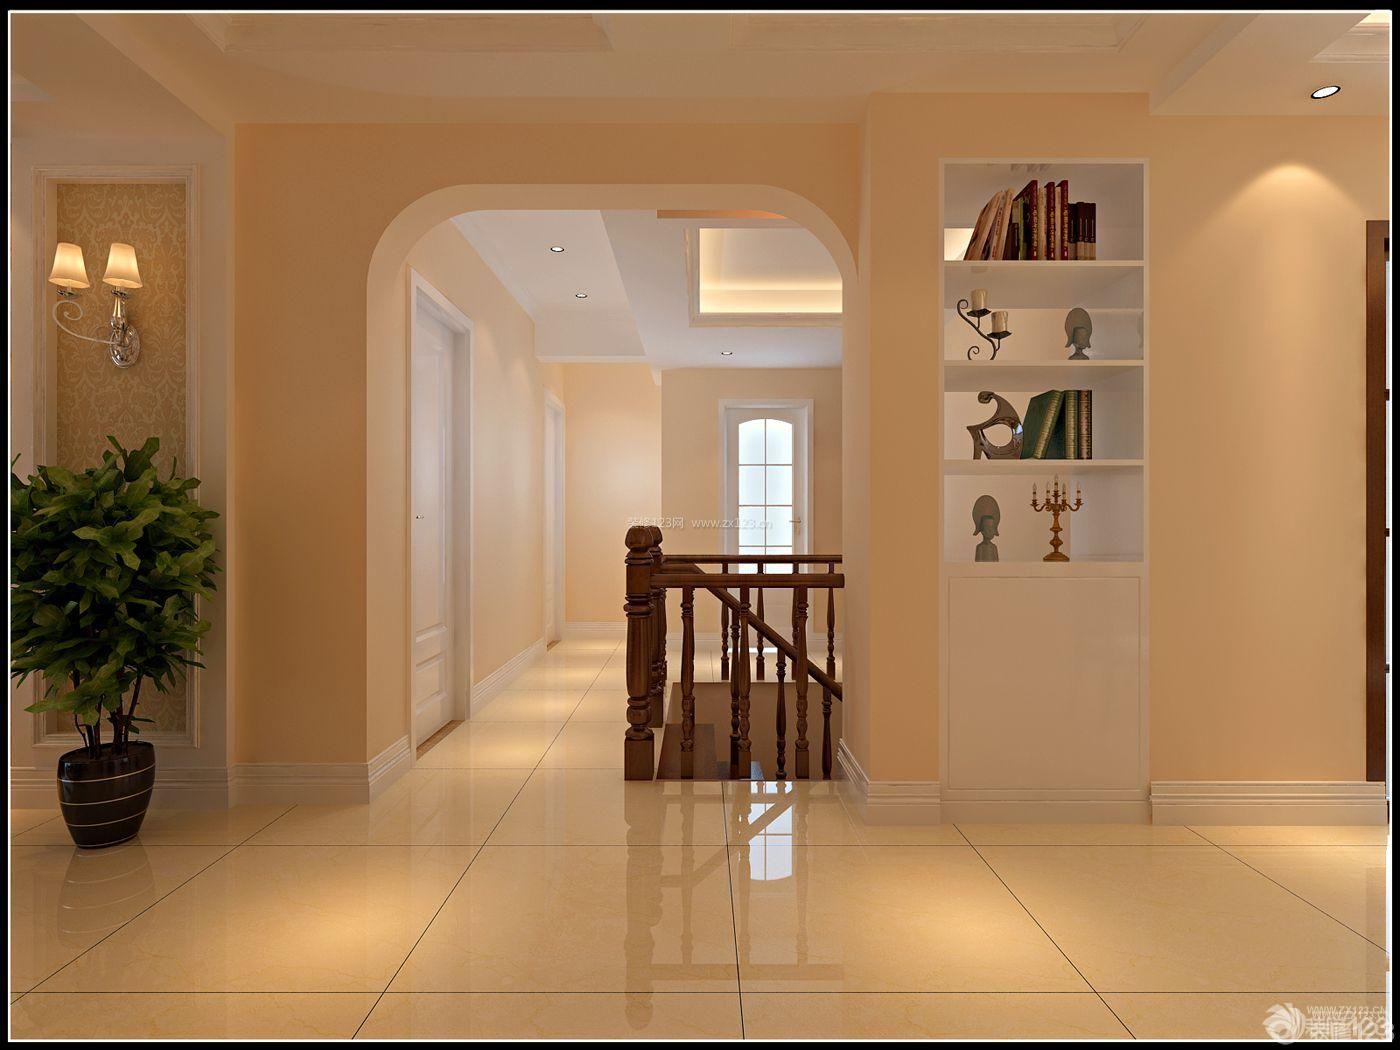 拱形门洞大理石地砖装修设计效果图大全